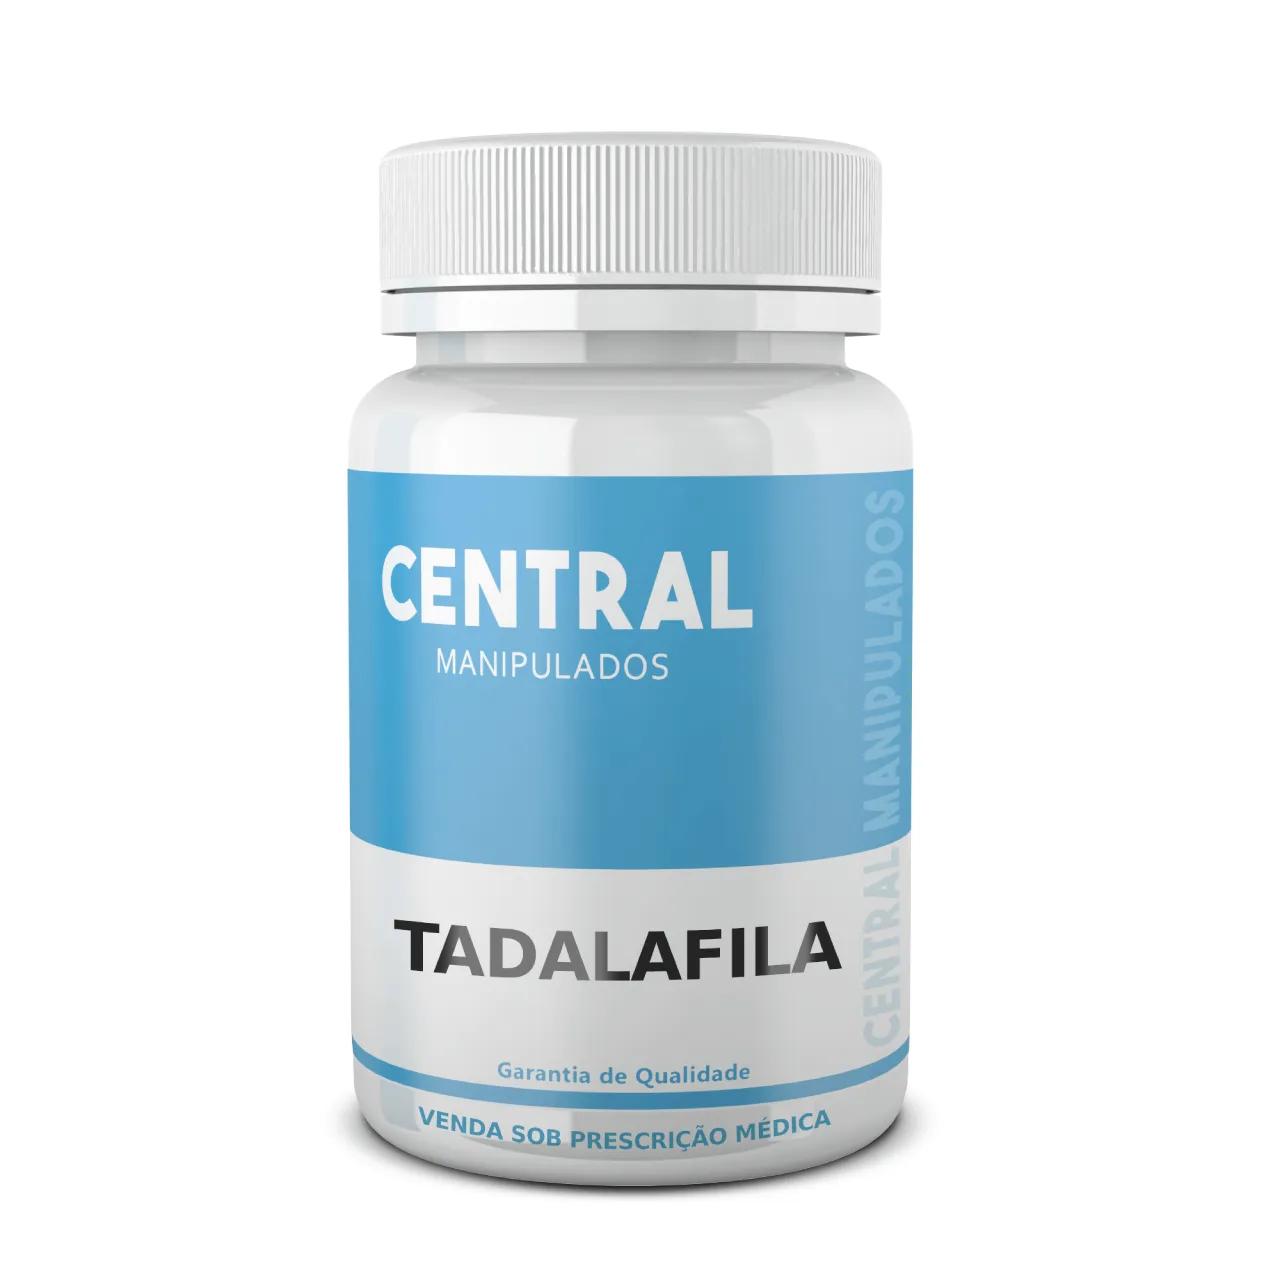 Tadalafila 20mg - 30 cápsulas